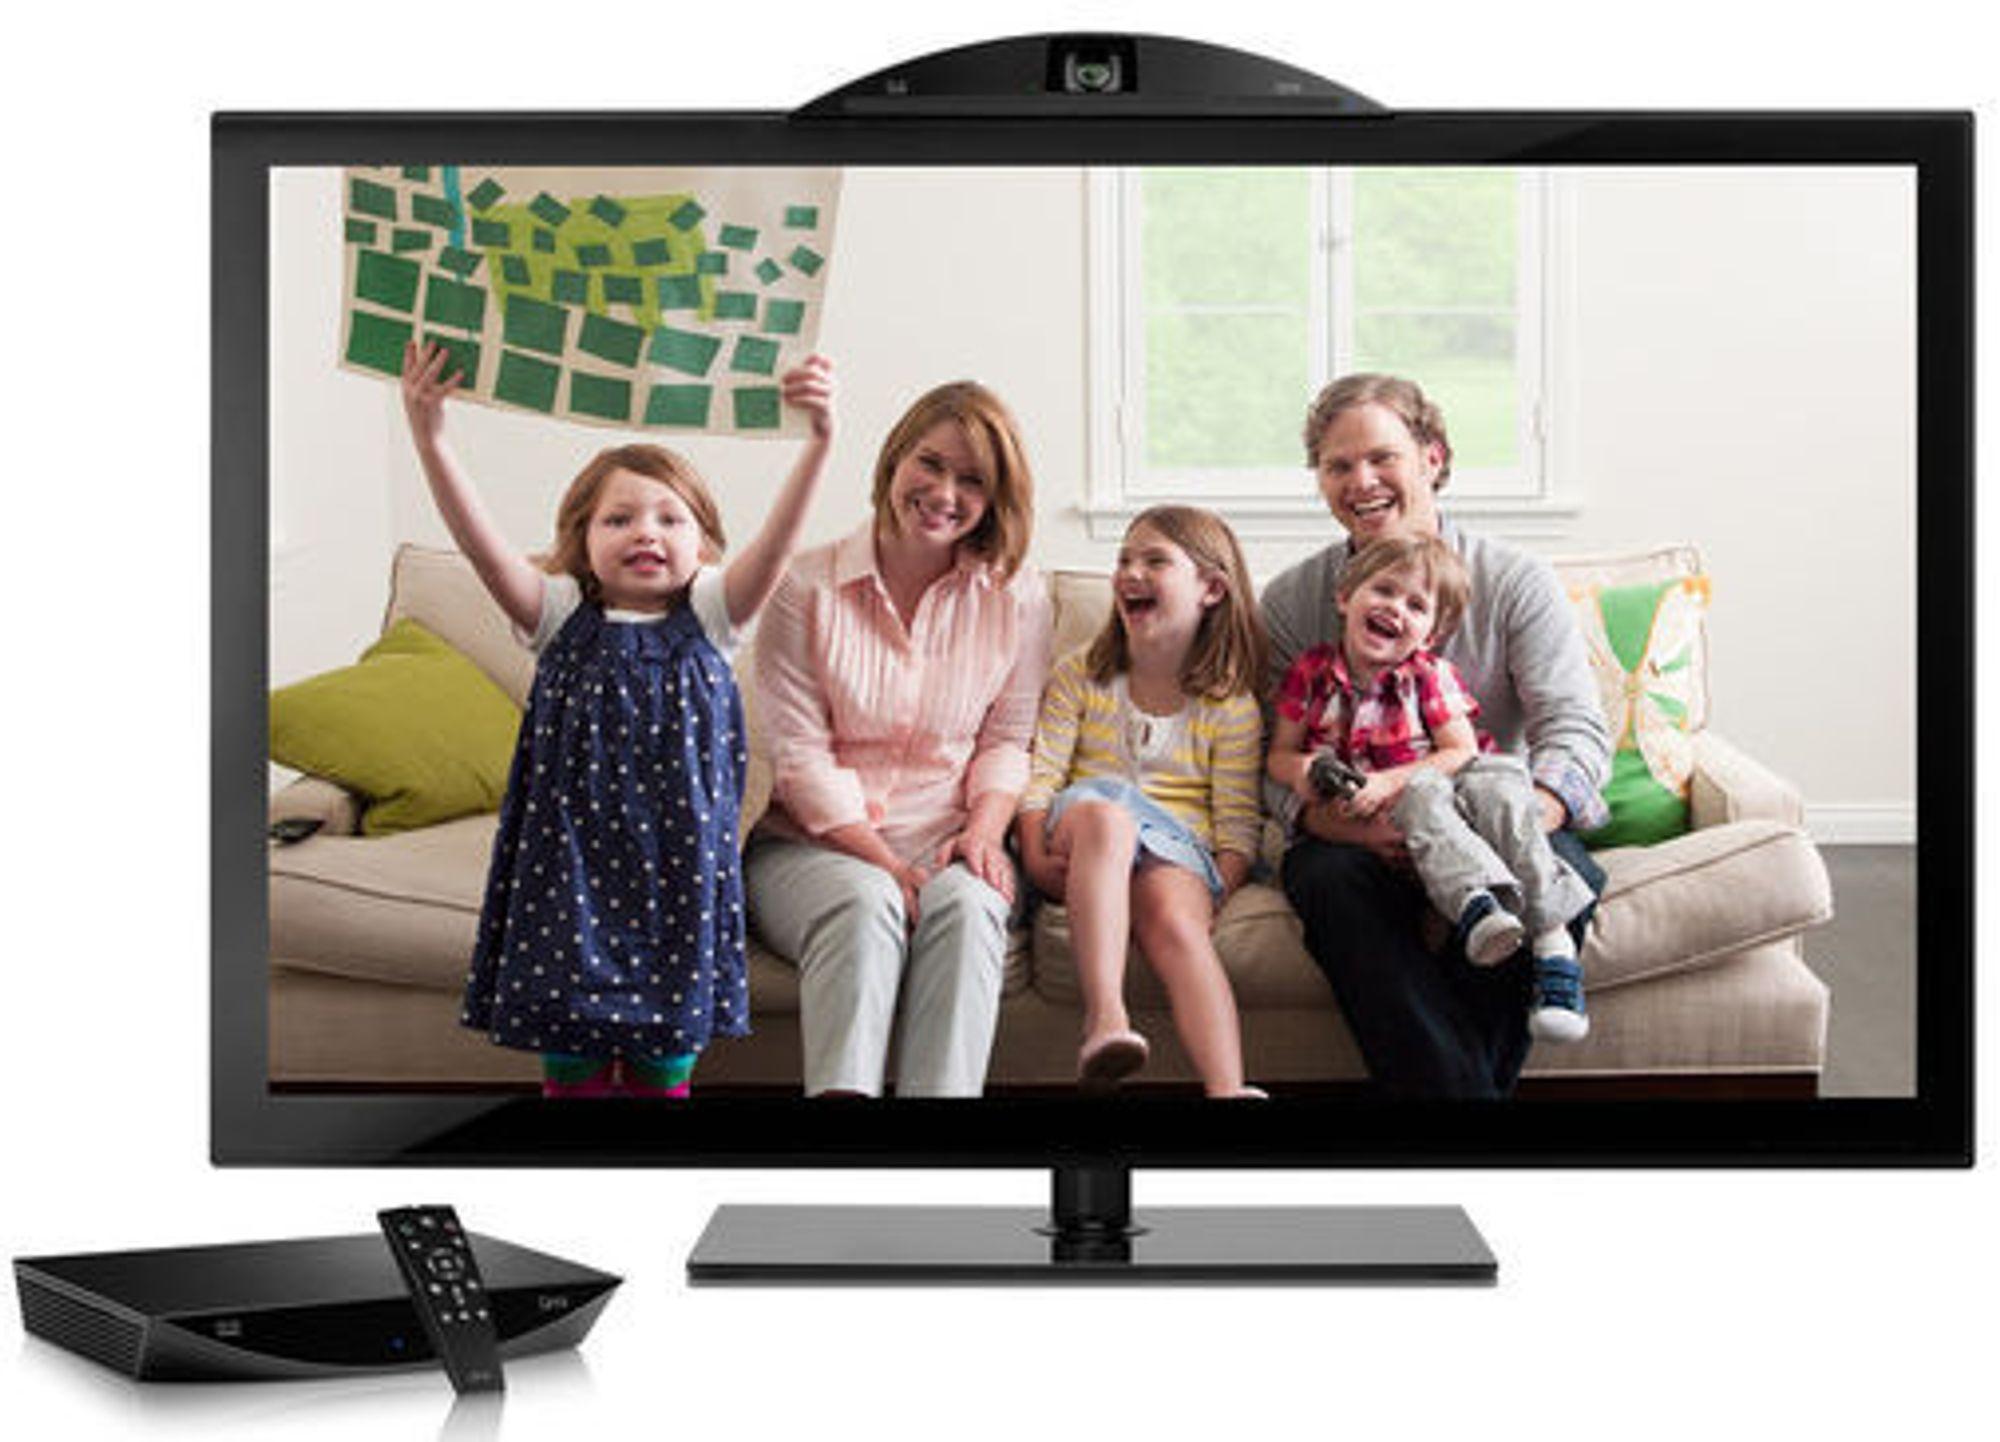 Kameraet monteres på tv-en. Telesamværet styres av en fjernkontroll mot en egen konsoll. Utenom konsoll, kamera og fjernkontroll trengs bare tv og bredbånd.